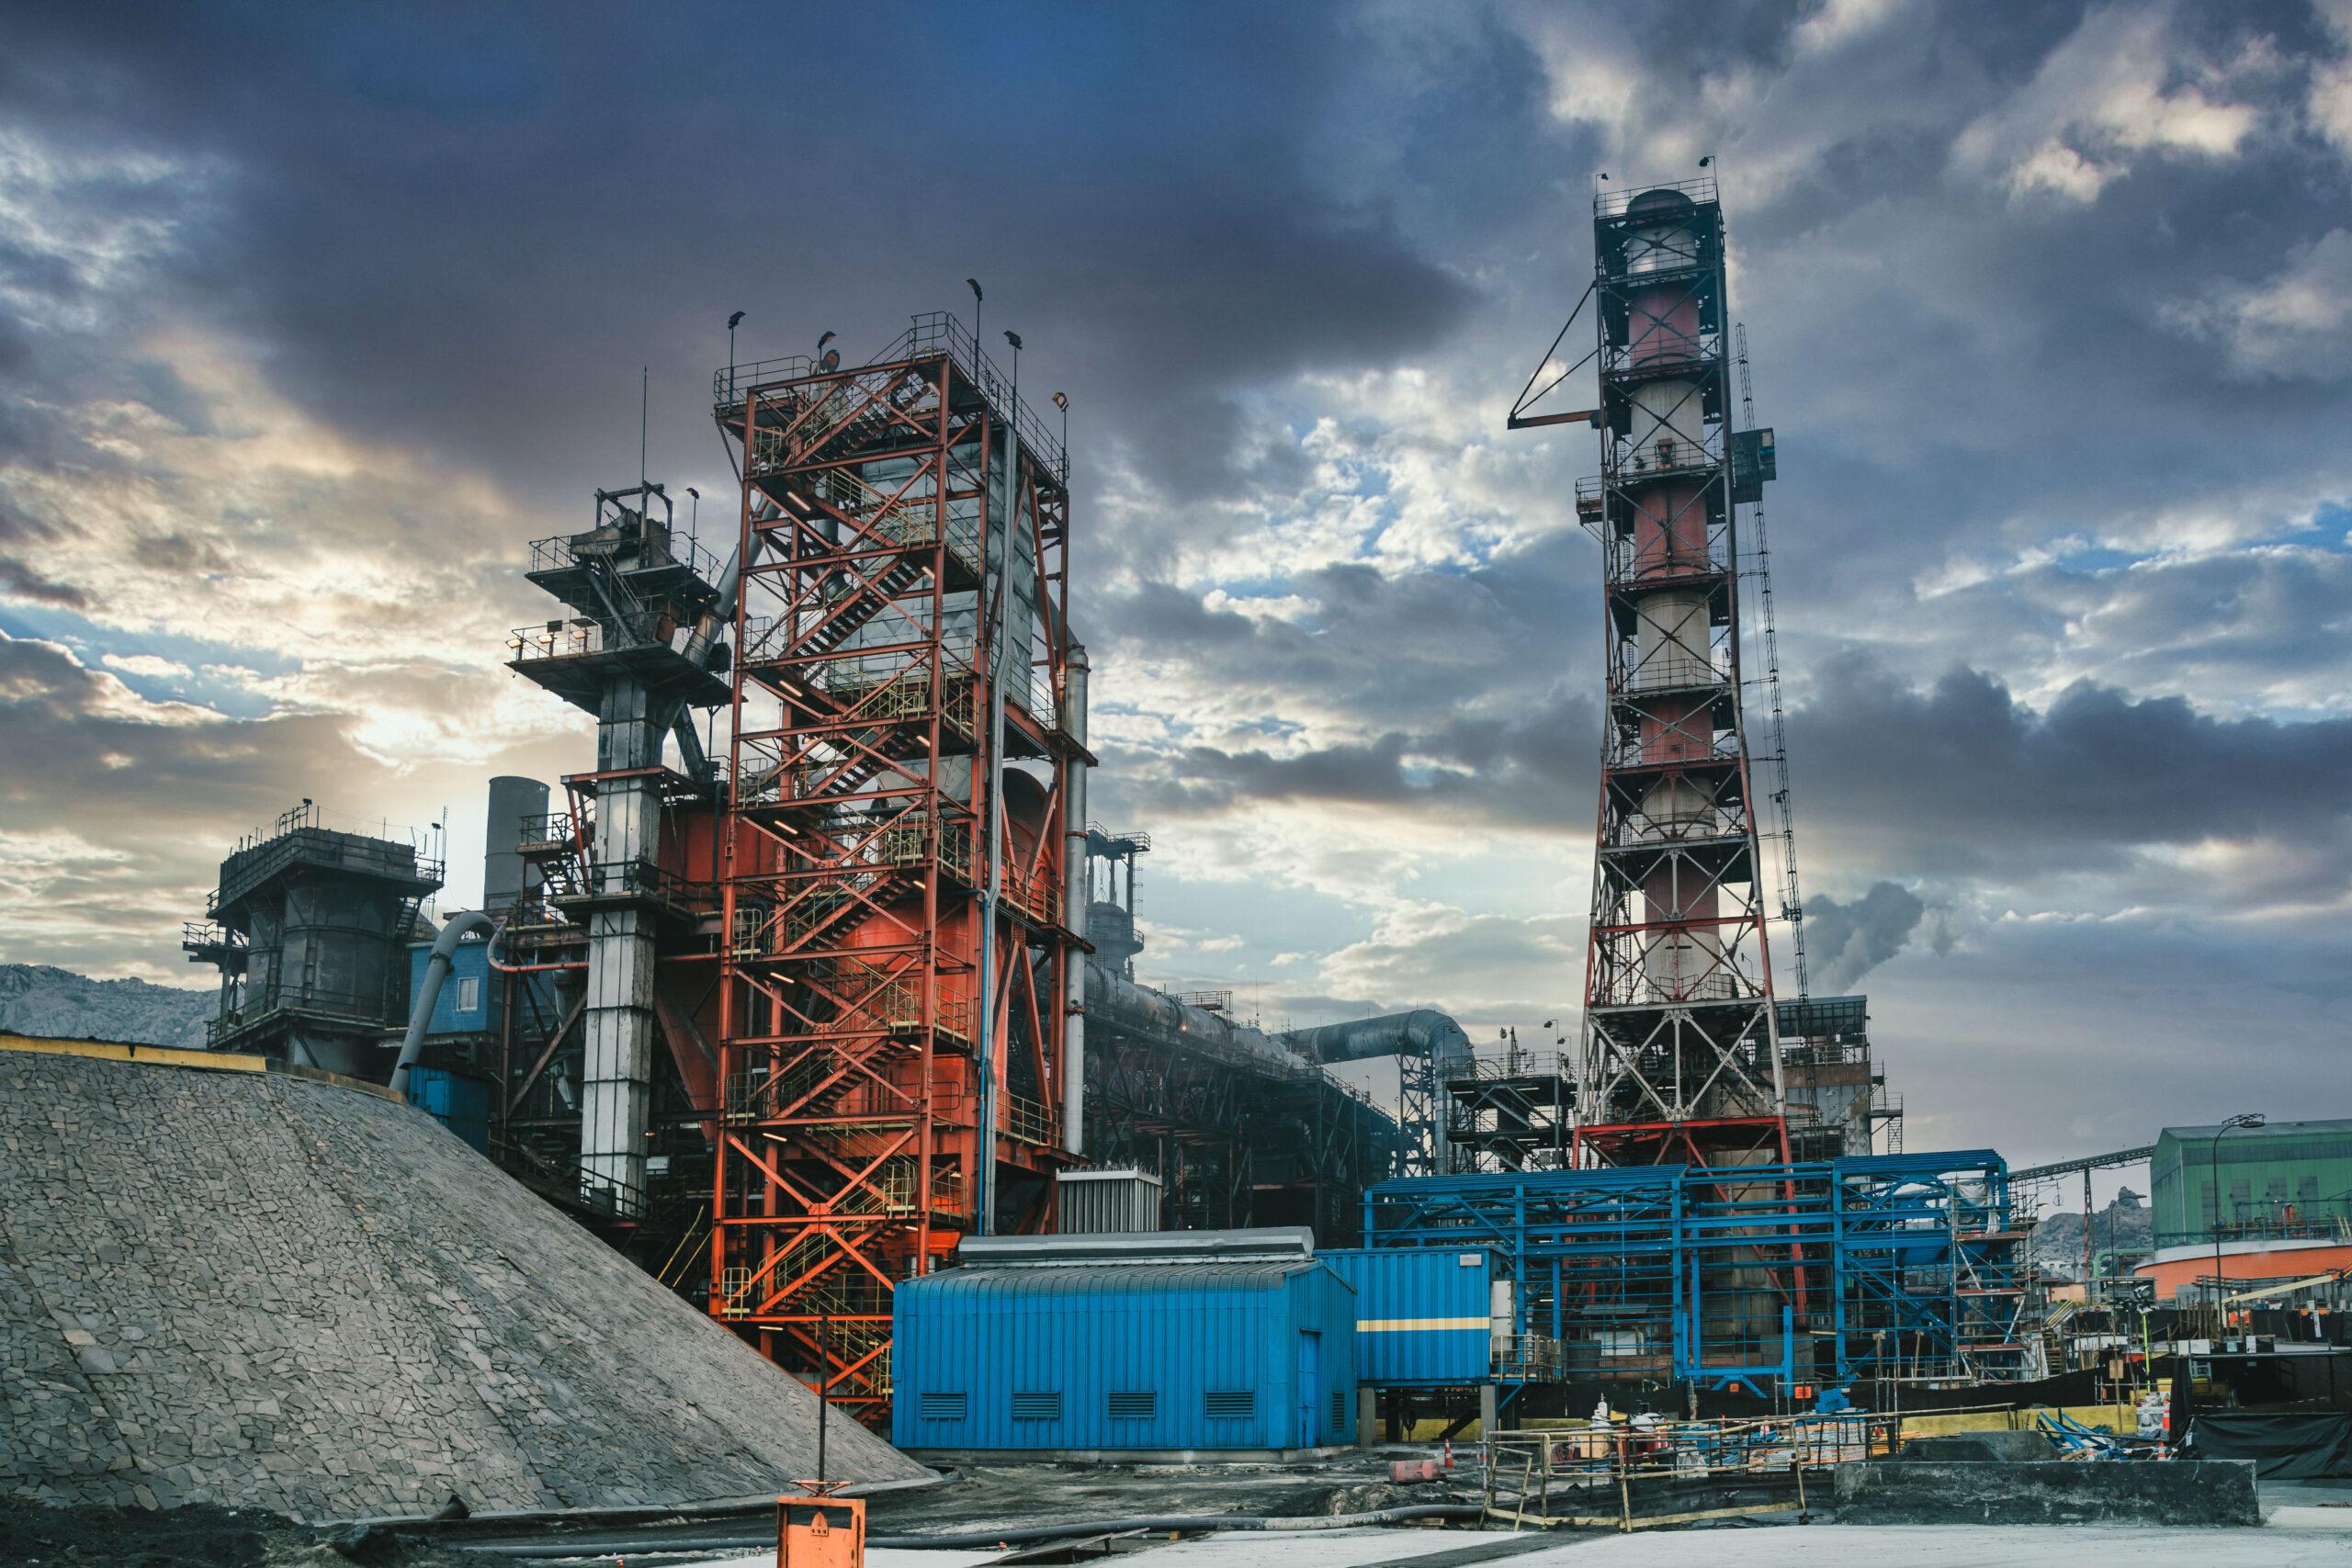 CMP descarbonizará planta en Huasco, reduciendo de manera significativa sus emisiones a la atmósfera